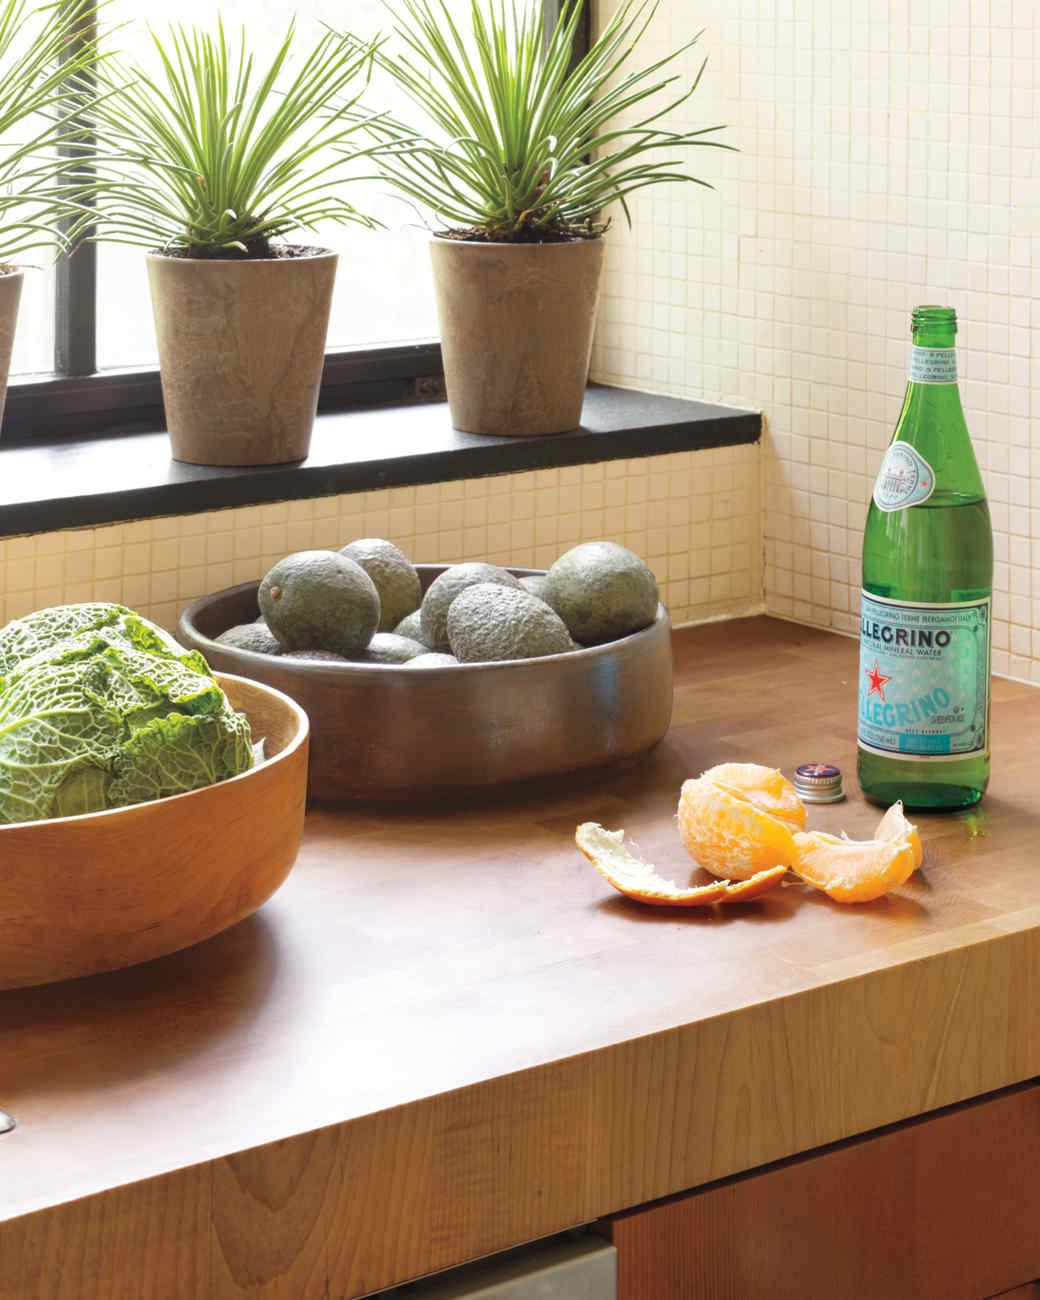 cary-tamarkin-kitchen-counter-1-mld107949.jpg